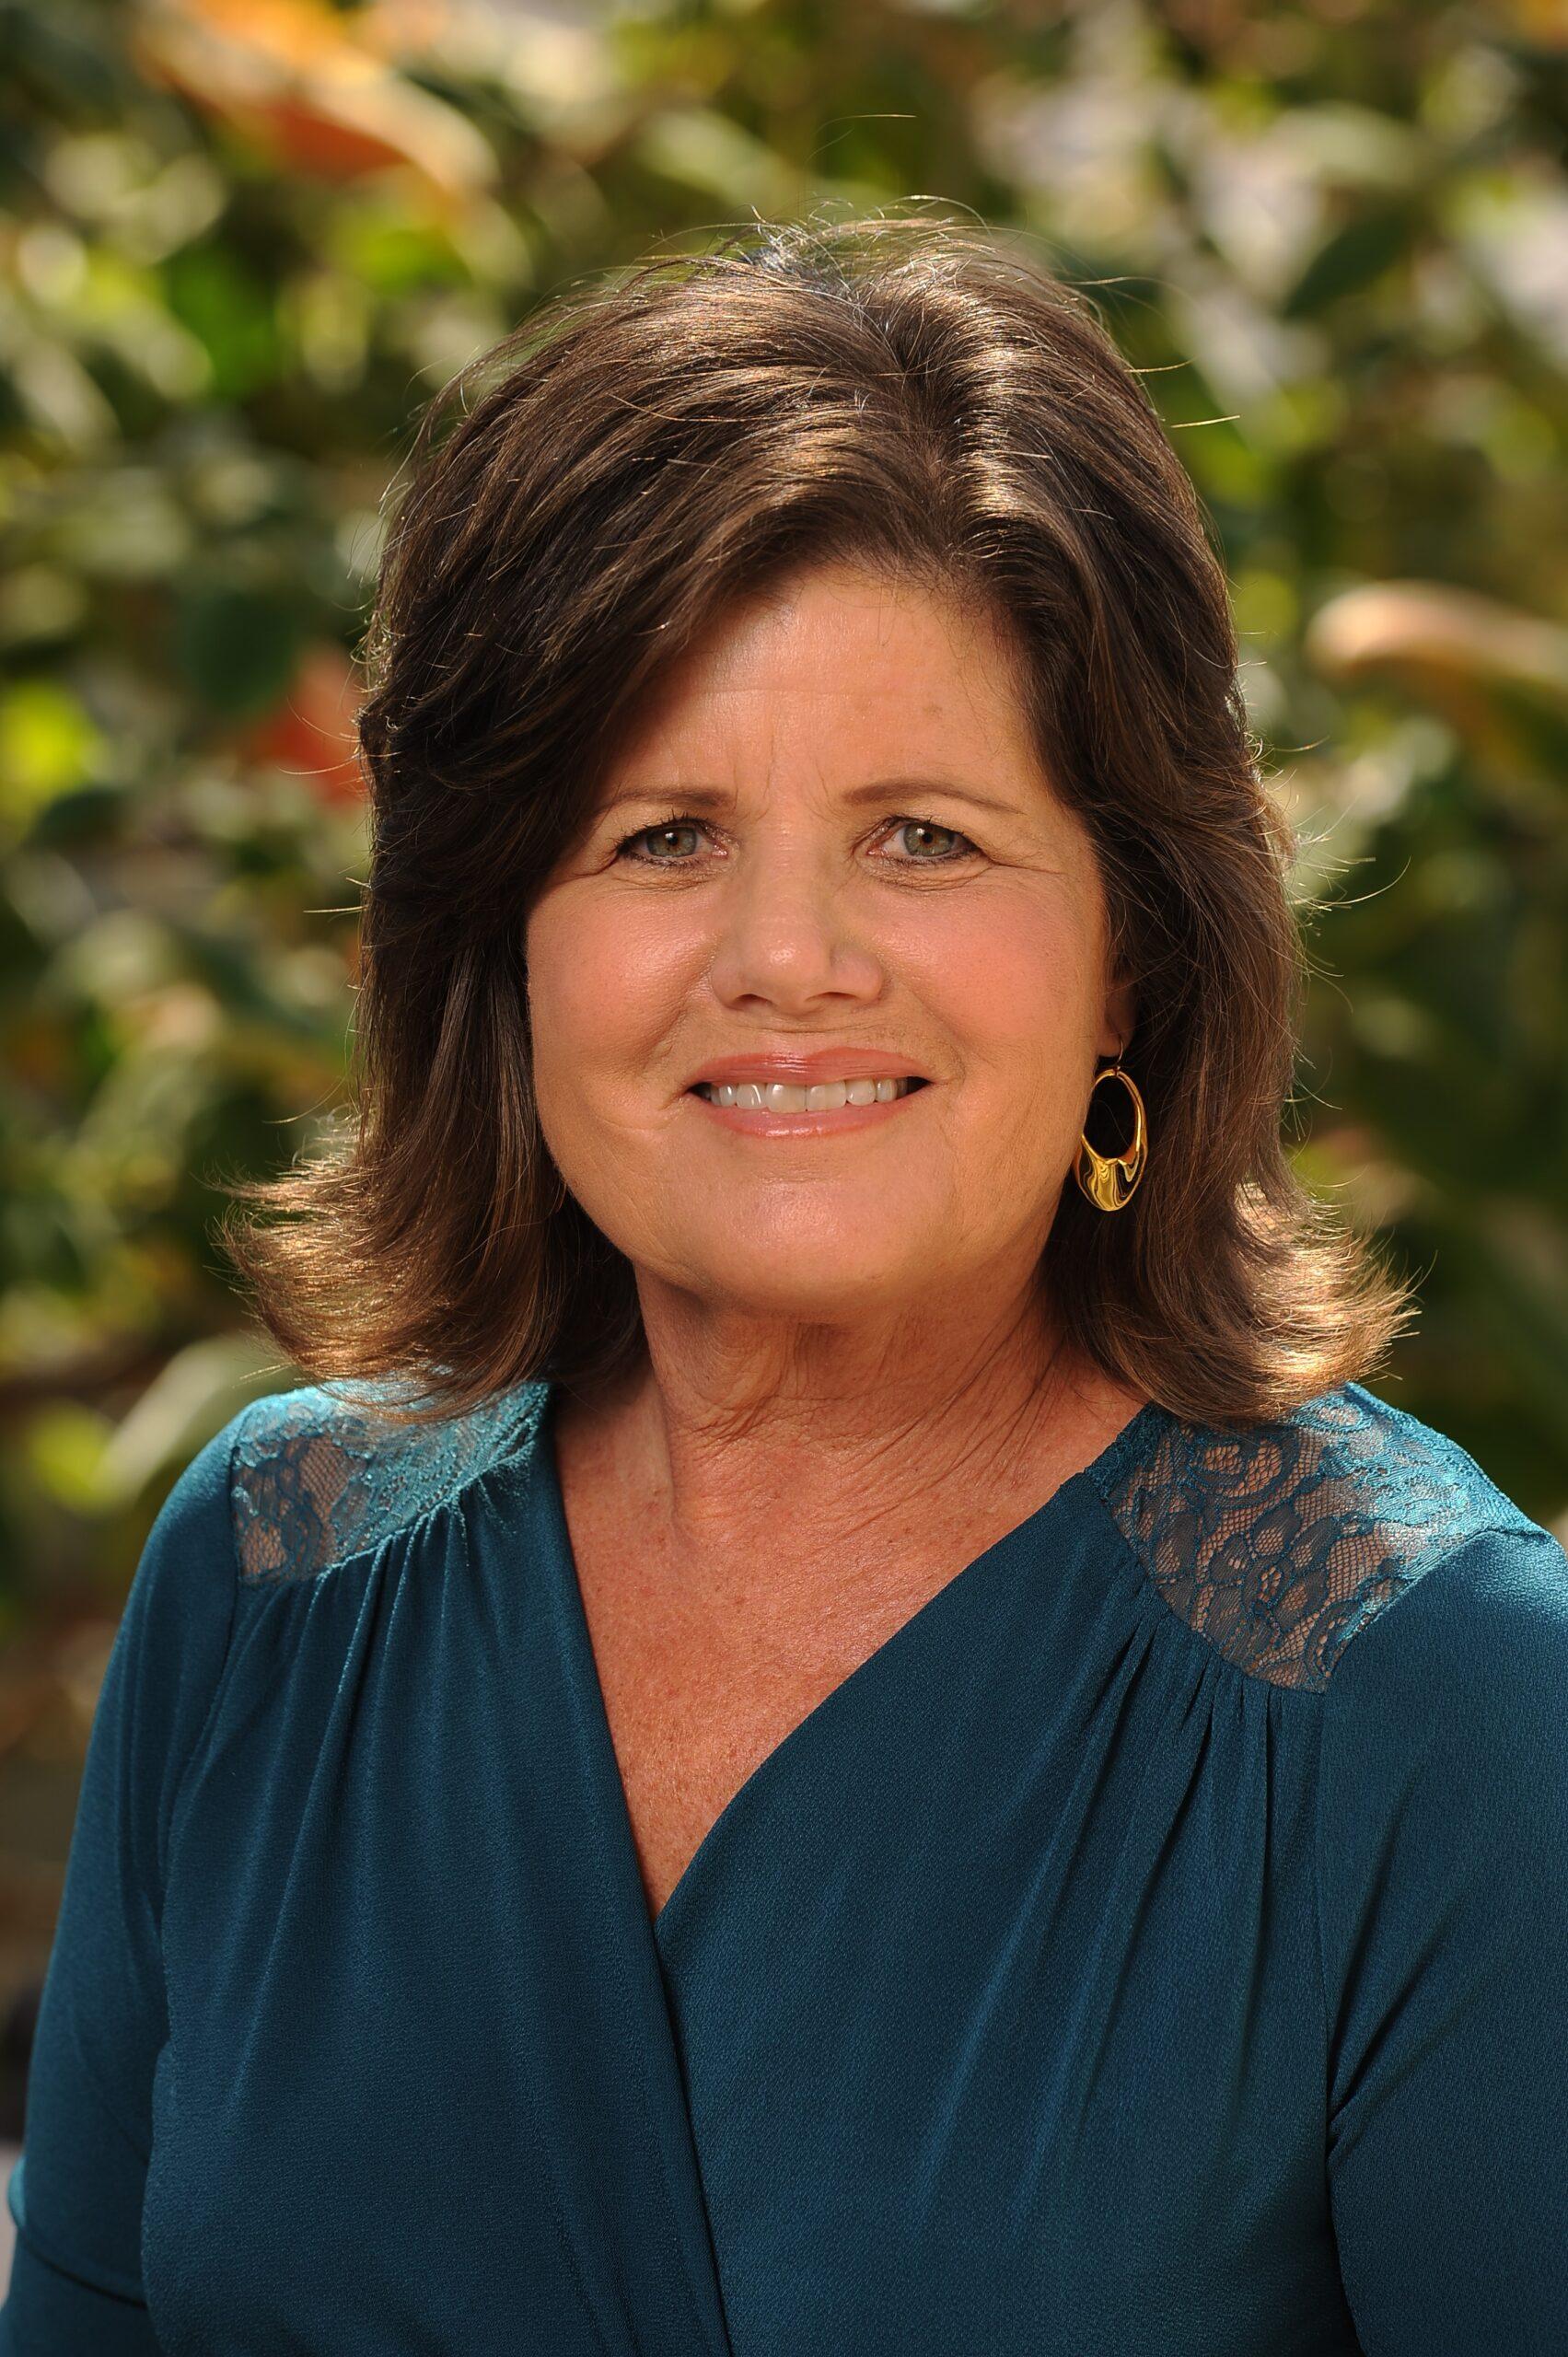 Linda Perreault, M.A., LMFT